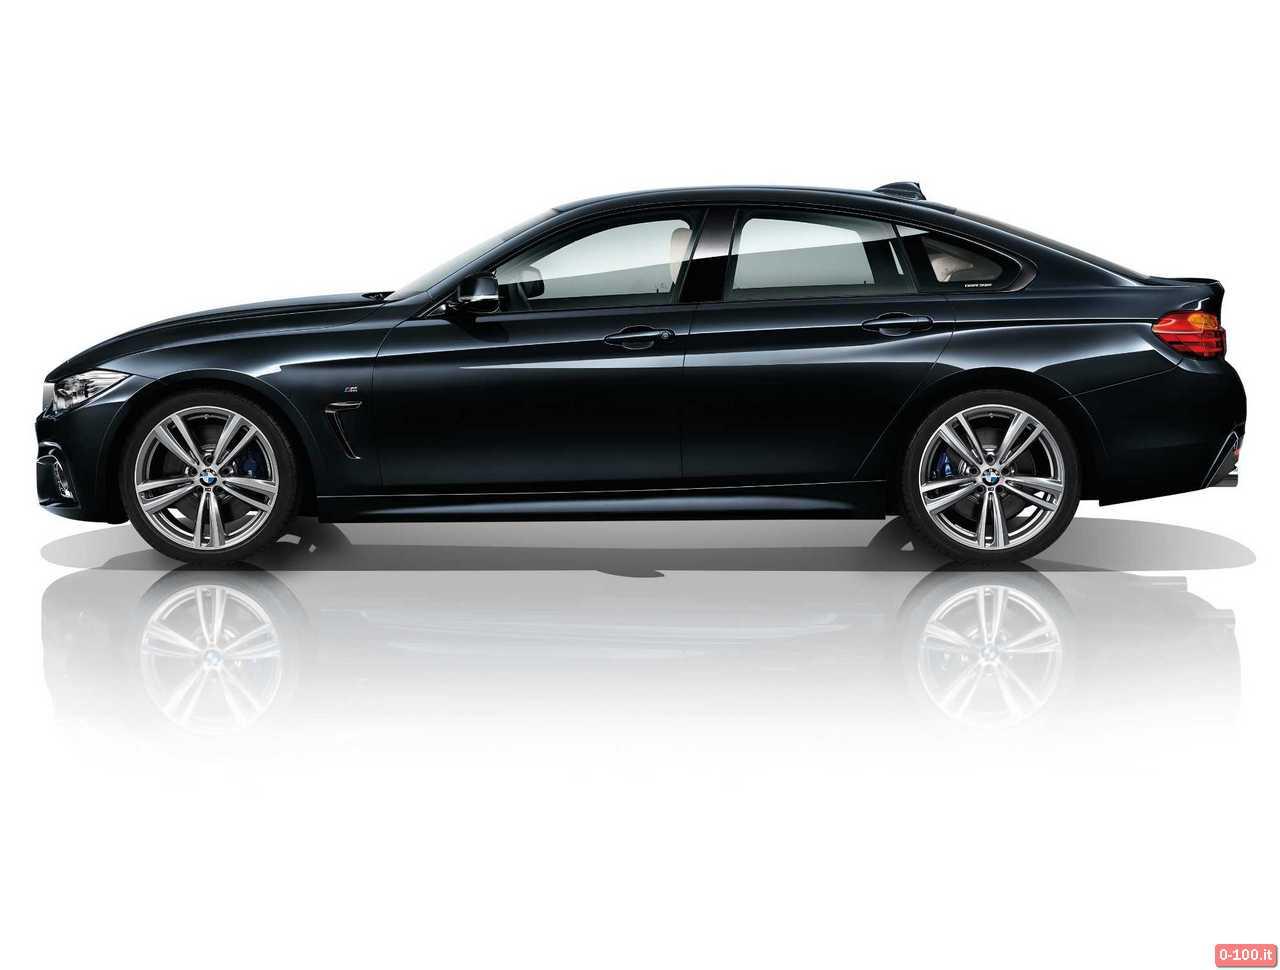 bmw-serie-4-gran-coupe-prezzo-price-ginevra-geneve-2014-0-100_95